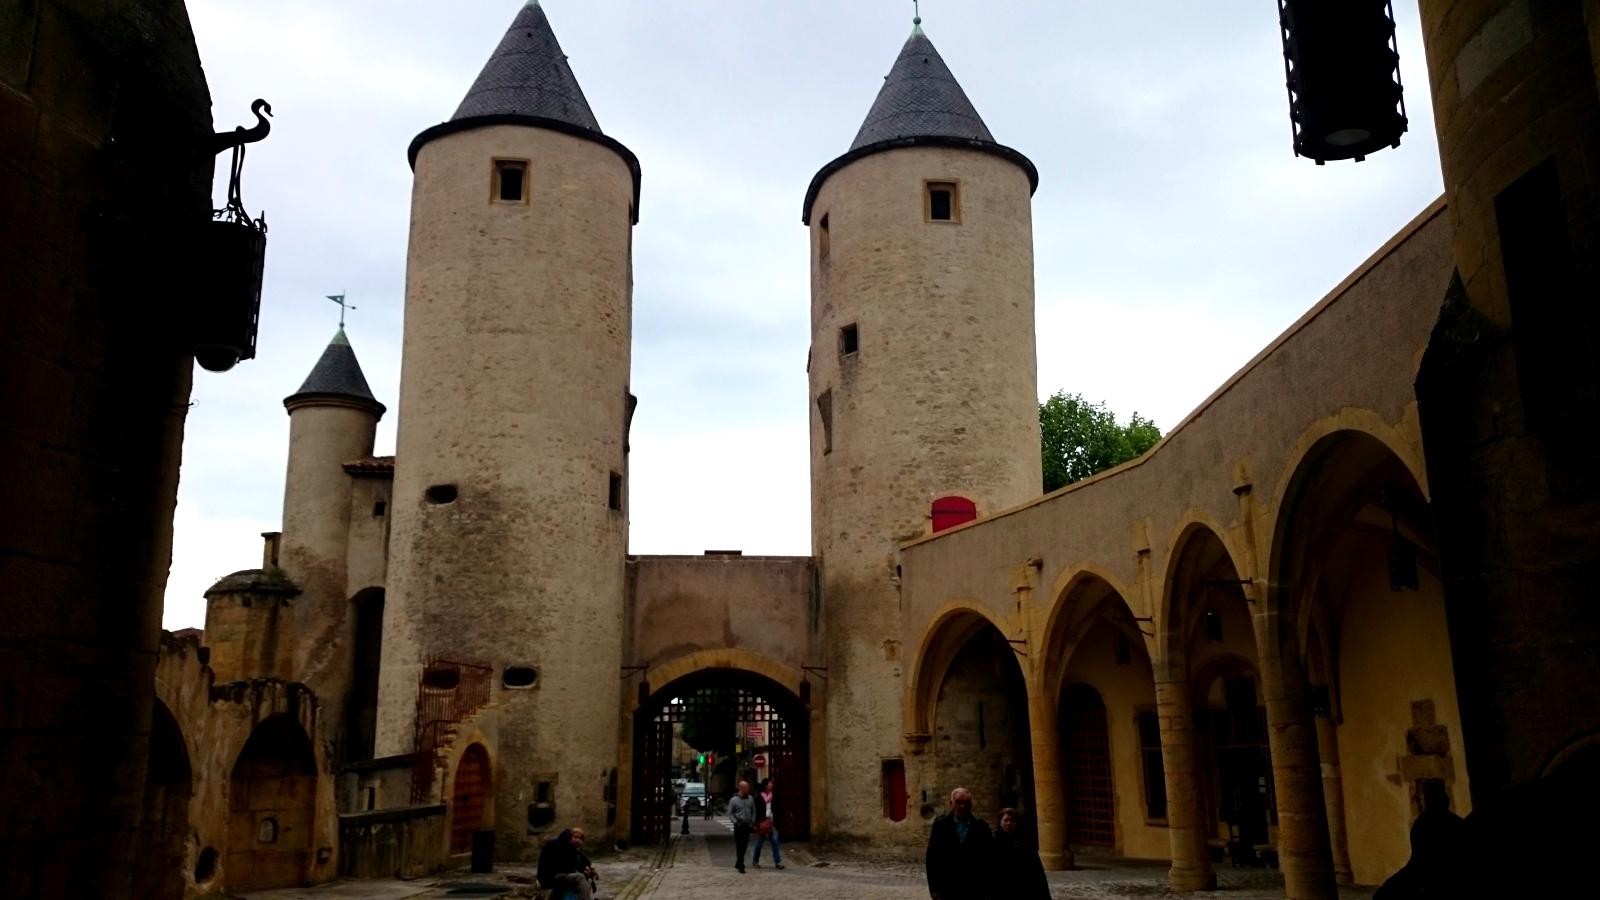 La porte des allemands metz transvosges for La porte and associates